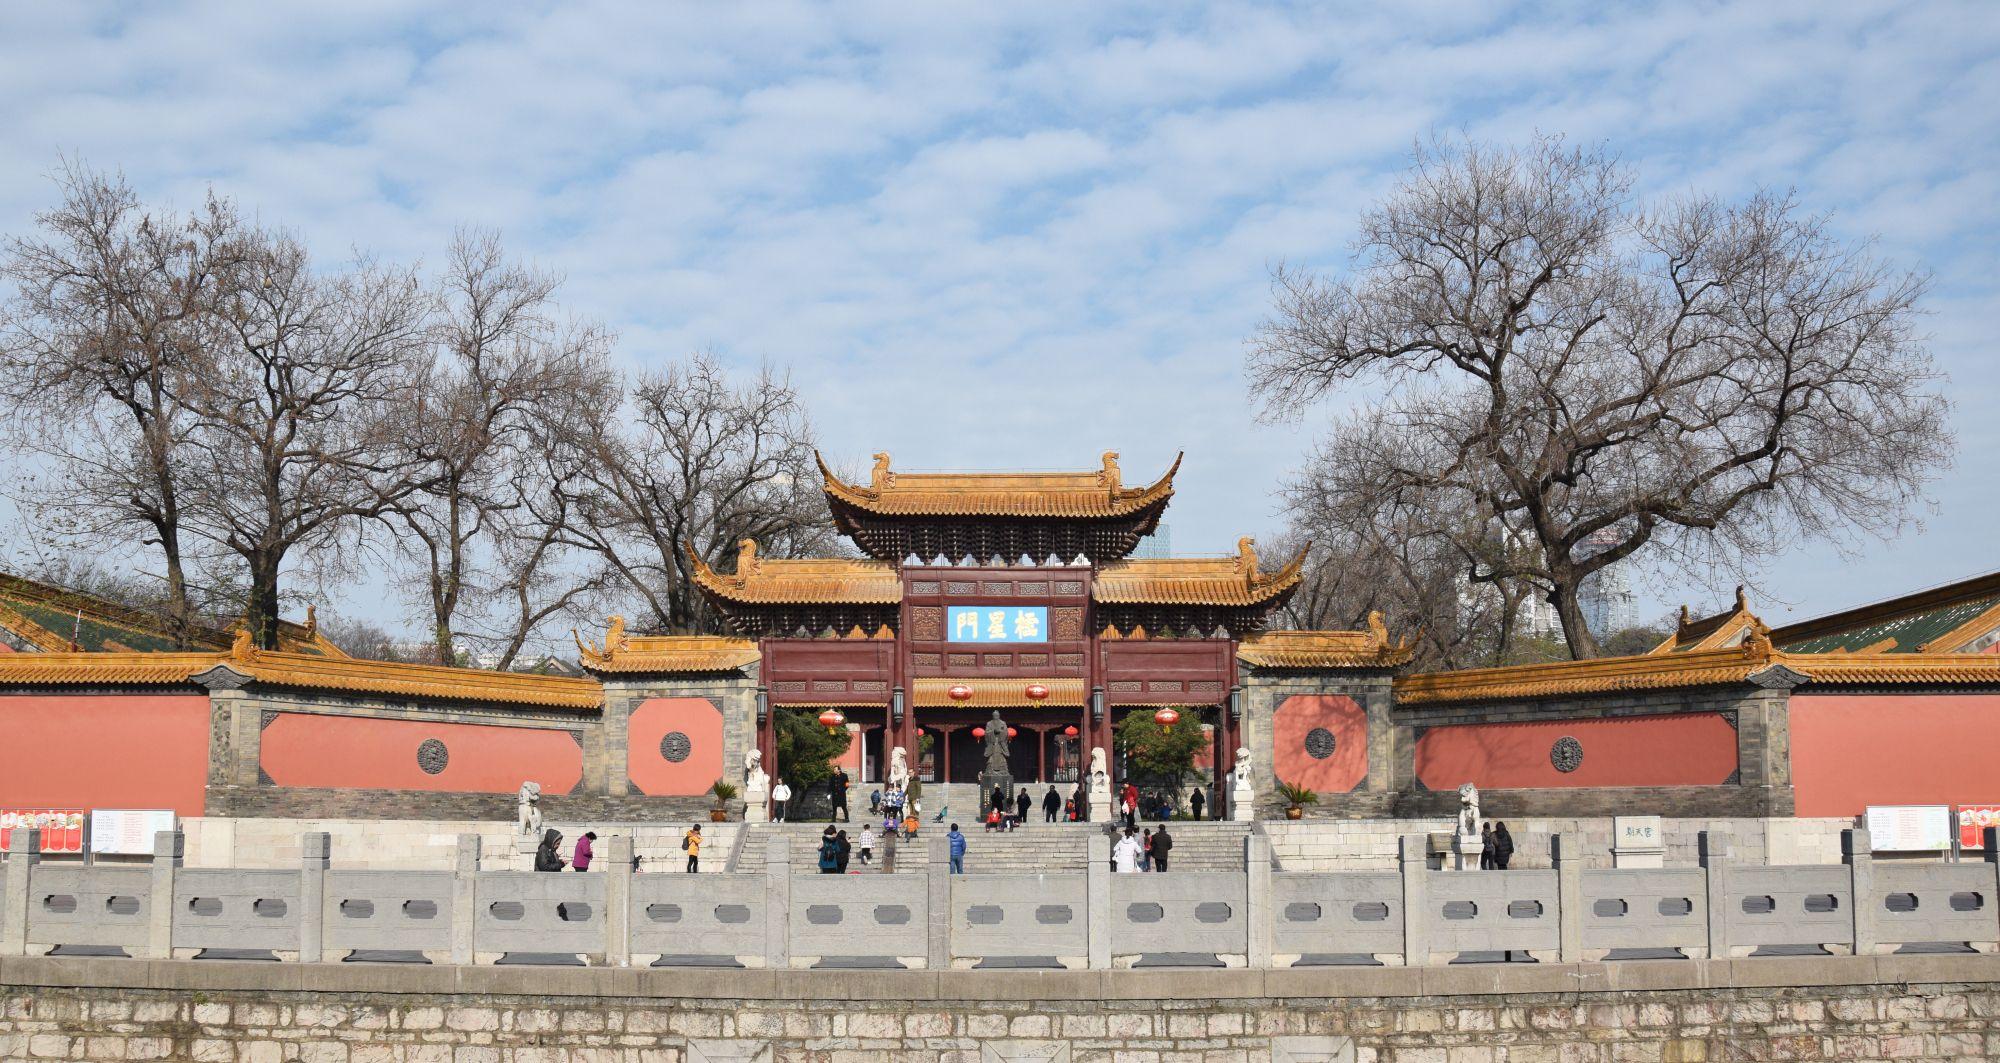 访朝天宫,问六朝兴衰,寻南京史踪